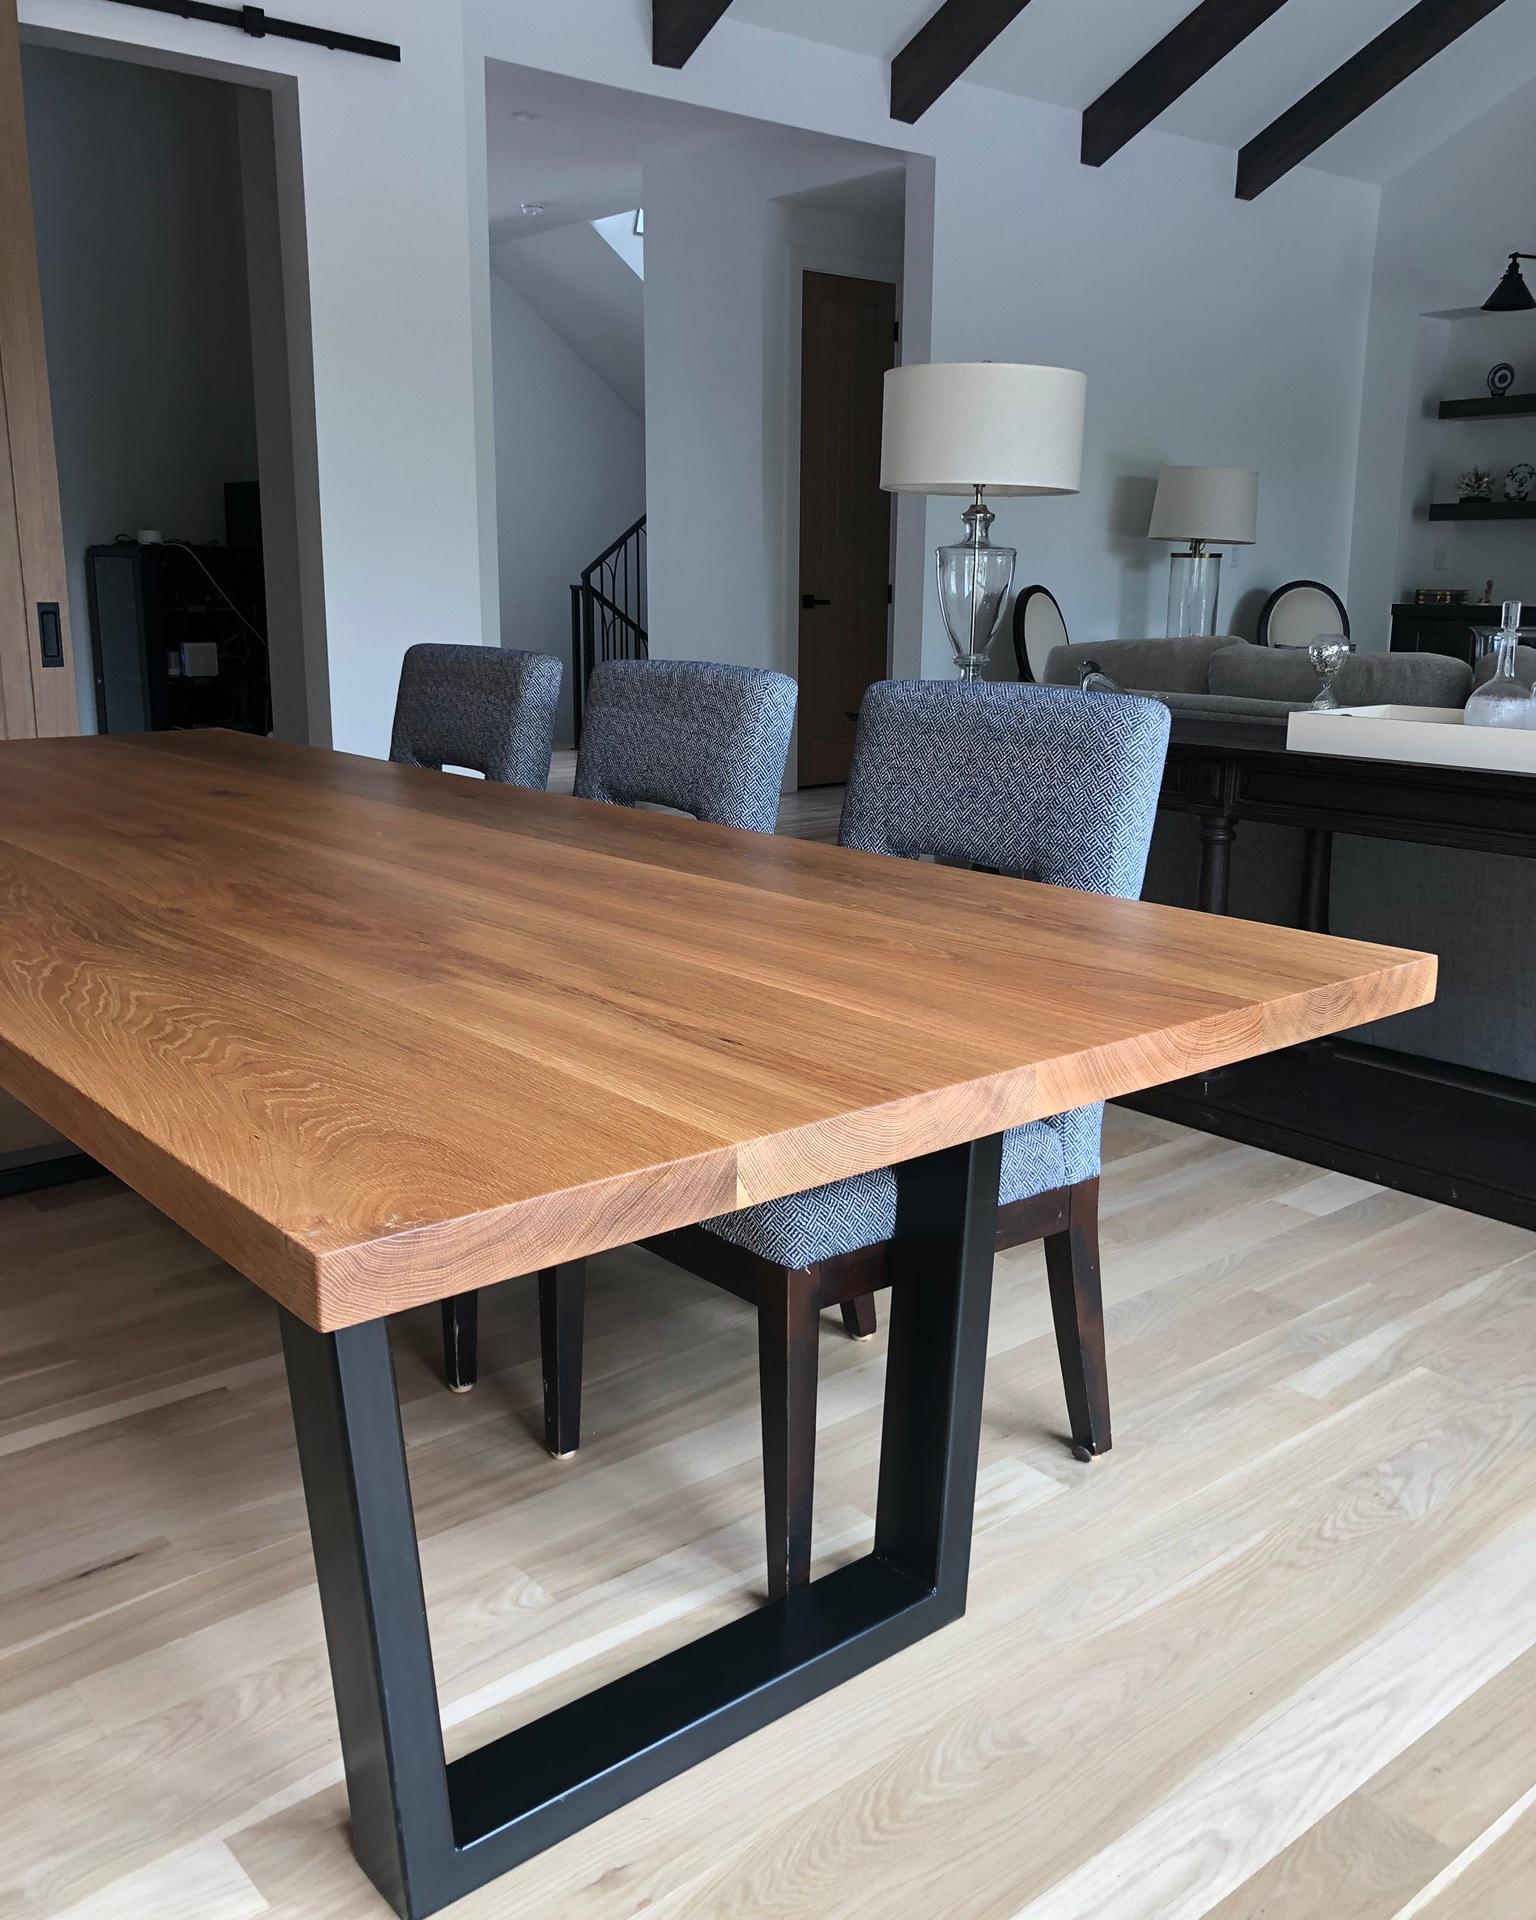 House+of+Alpine+White+Oak+Dining+Table+Tapered+Legs.jpg